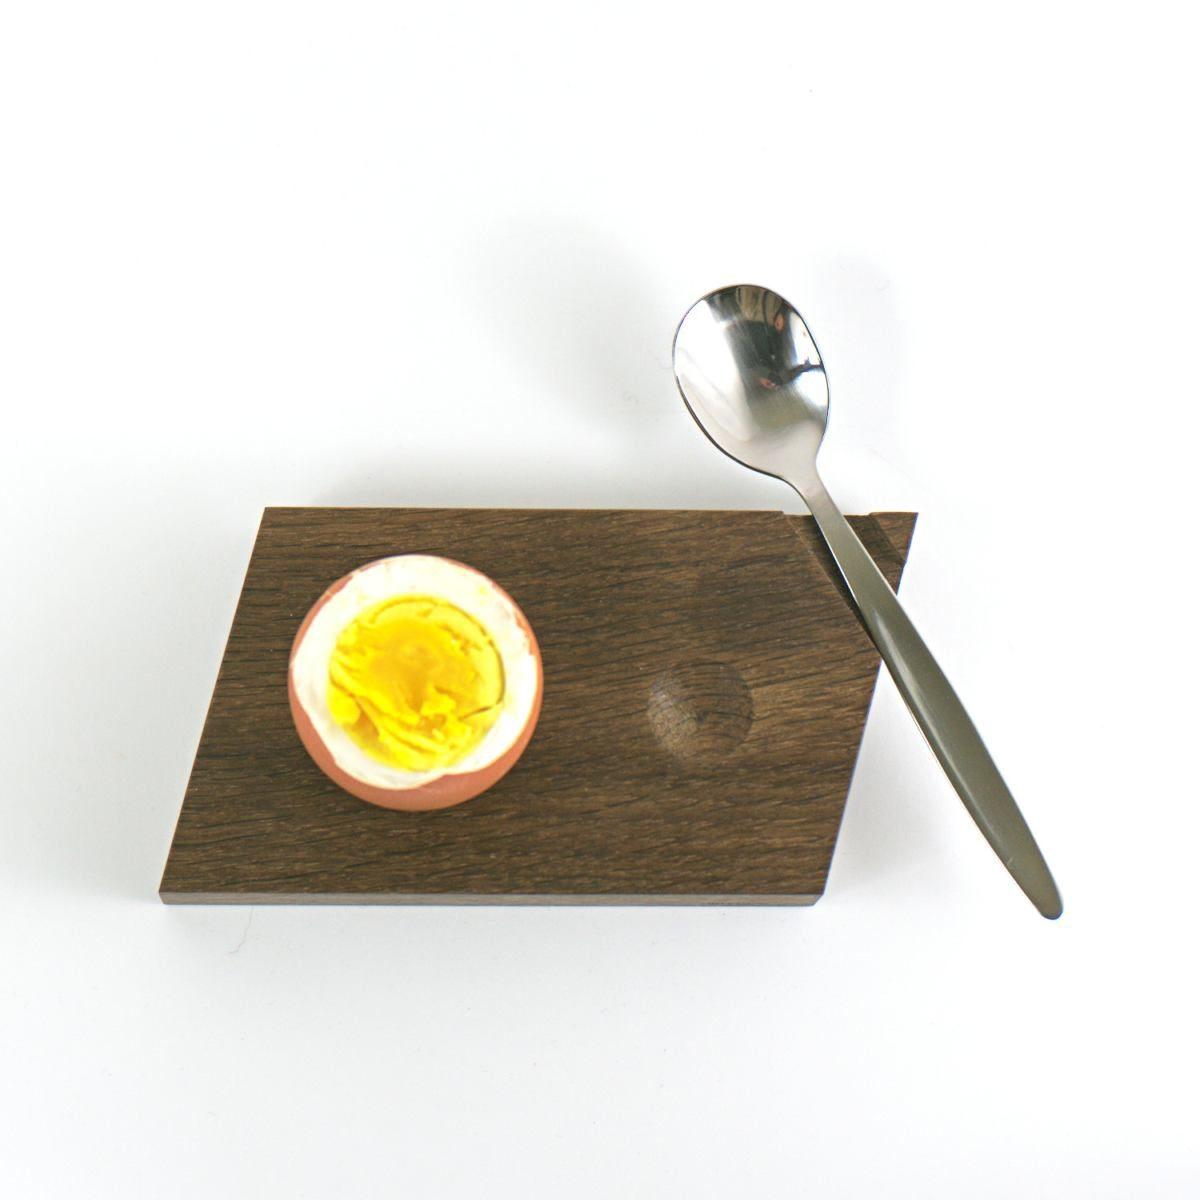 Eierbecher aus geräucherter Eiche mit Mulde für die Eierkuppe.